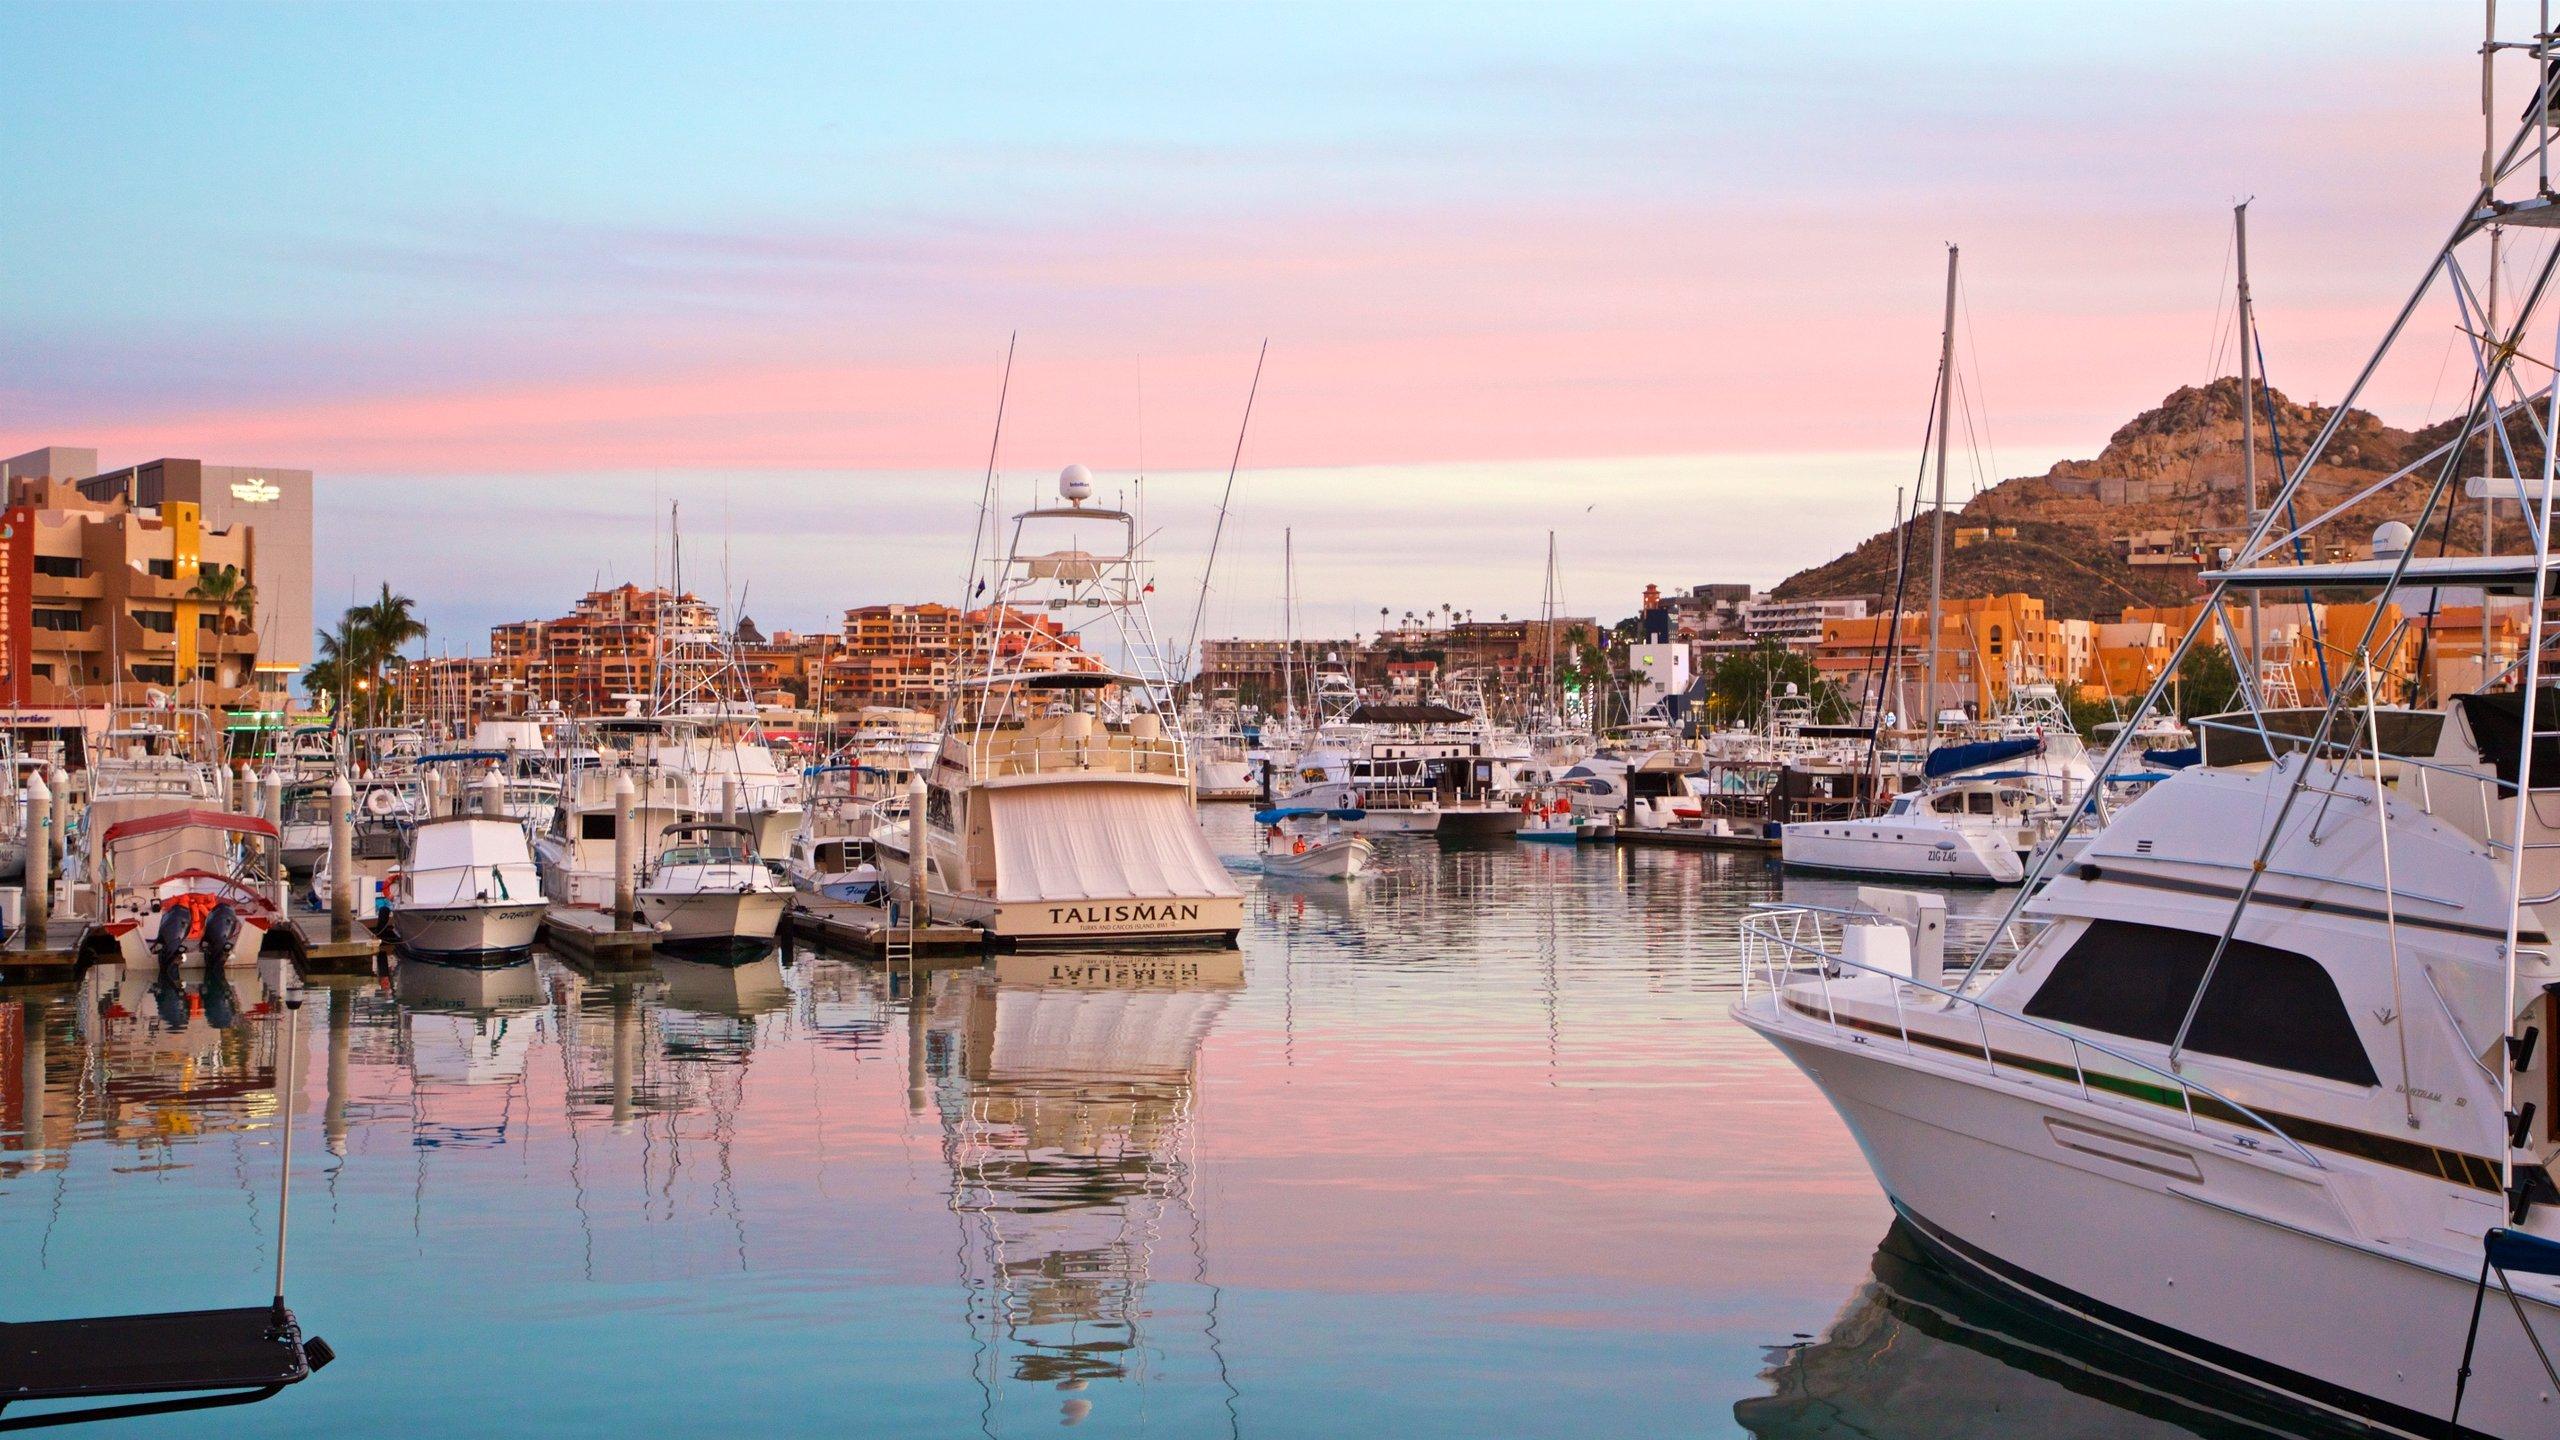 Marina, Cabo San Lucas, Baja California Sur, Mexico